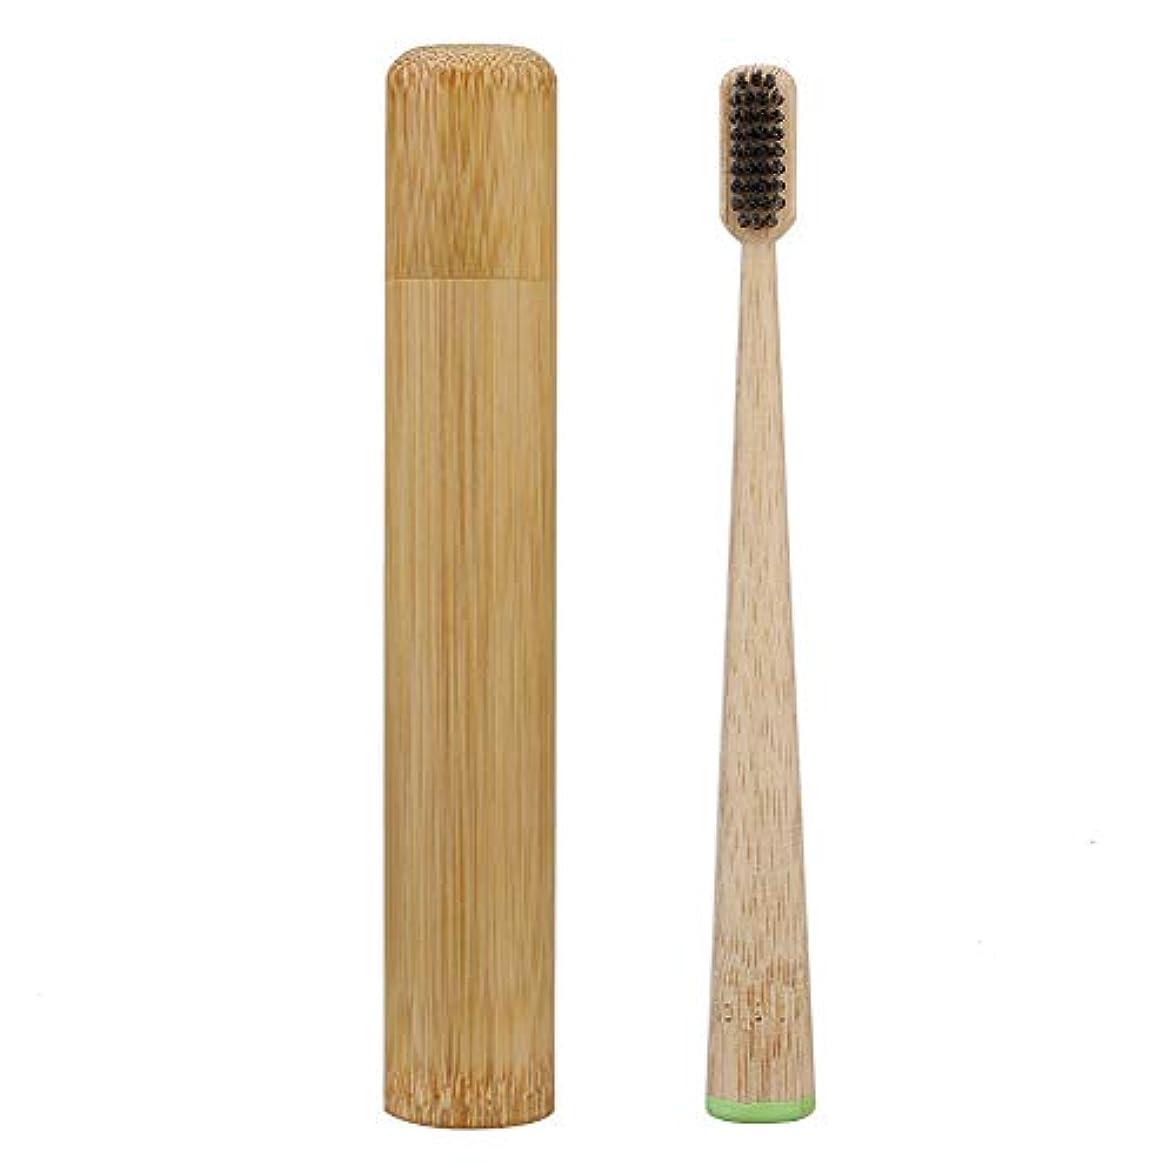 墓ペッカディロ一瞬Pannow 2pcs 竹の歯ブラシ 子ども用ハブラシ 丸いハンドル歯ブラシ ケース付き 柔らかい 炭の毛 環境にやさしい歯ブラシ